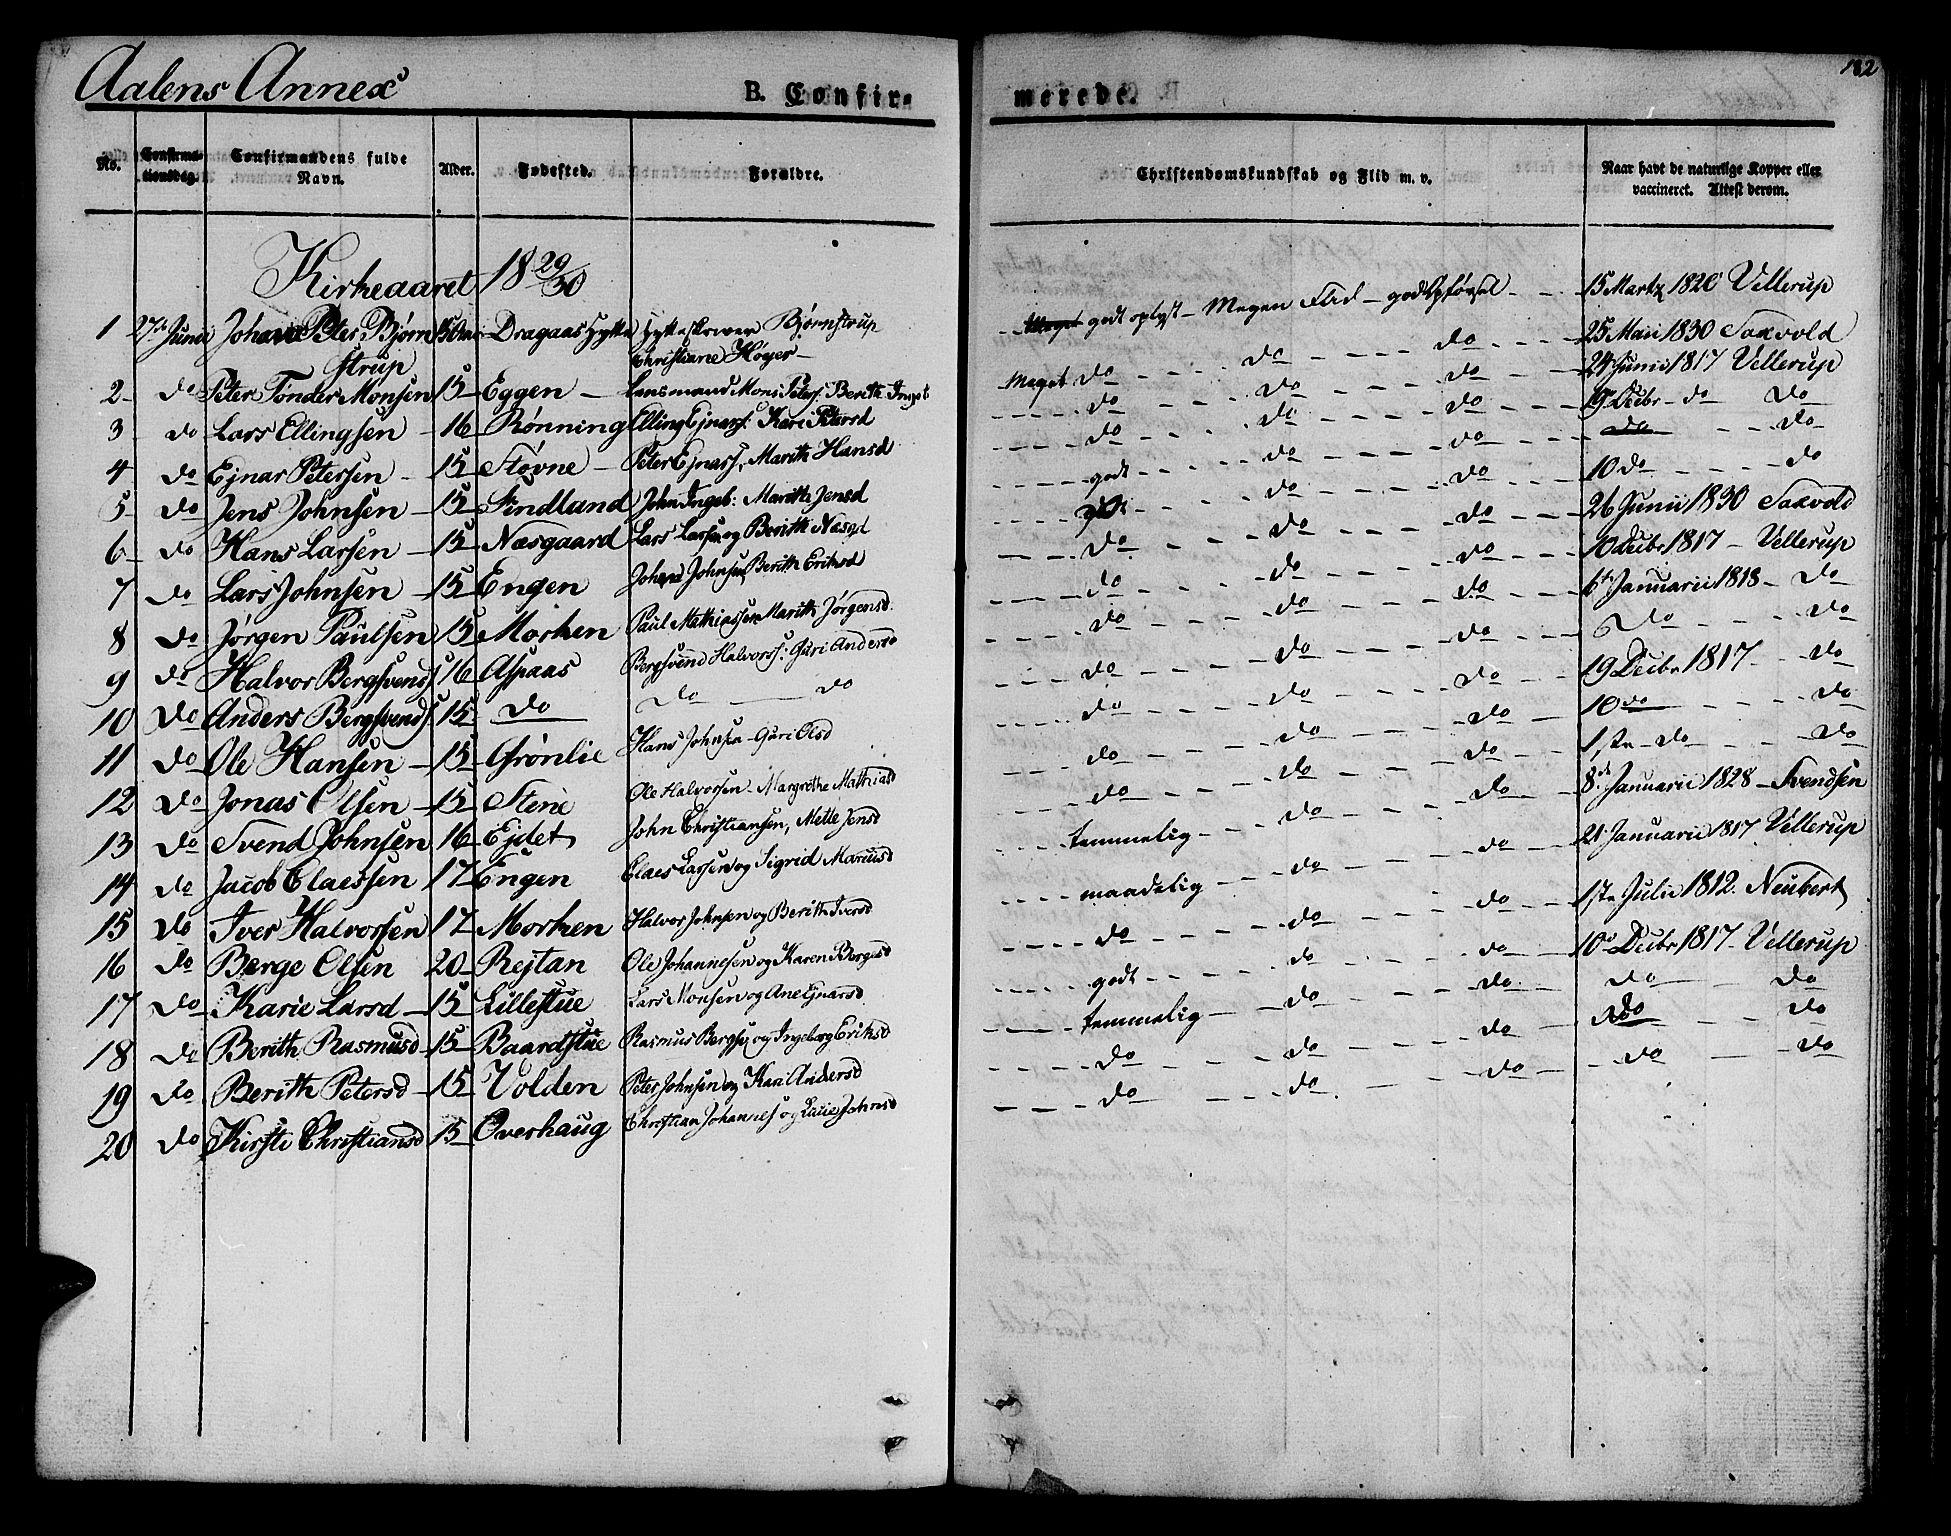 SAT, Ministerialprotokoller, klokkerbøker og fødselsregistre - Sør-Trøndelag, 685/L0959: Ministerialbok nr. 685A04 /3, 1829-1845, s. 182